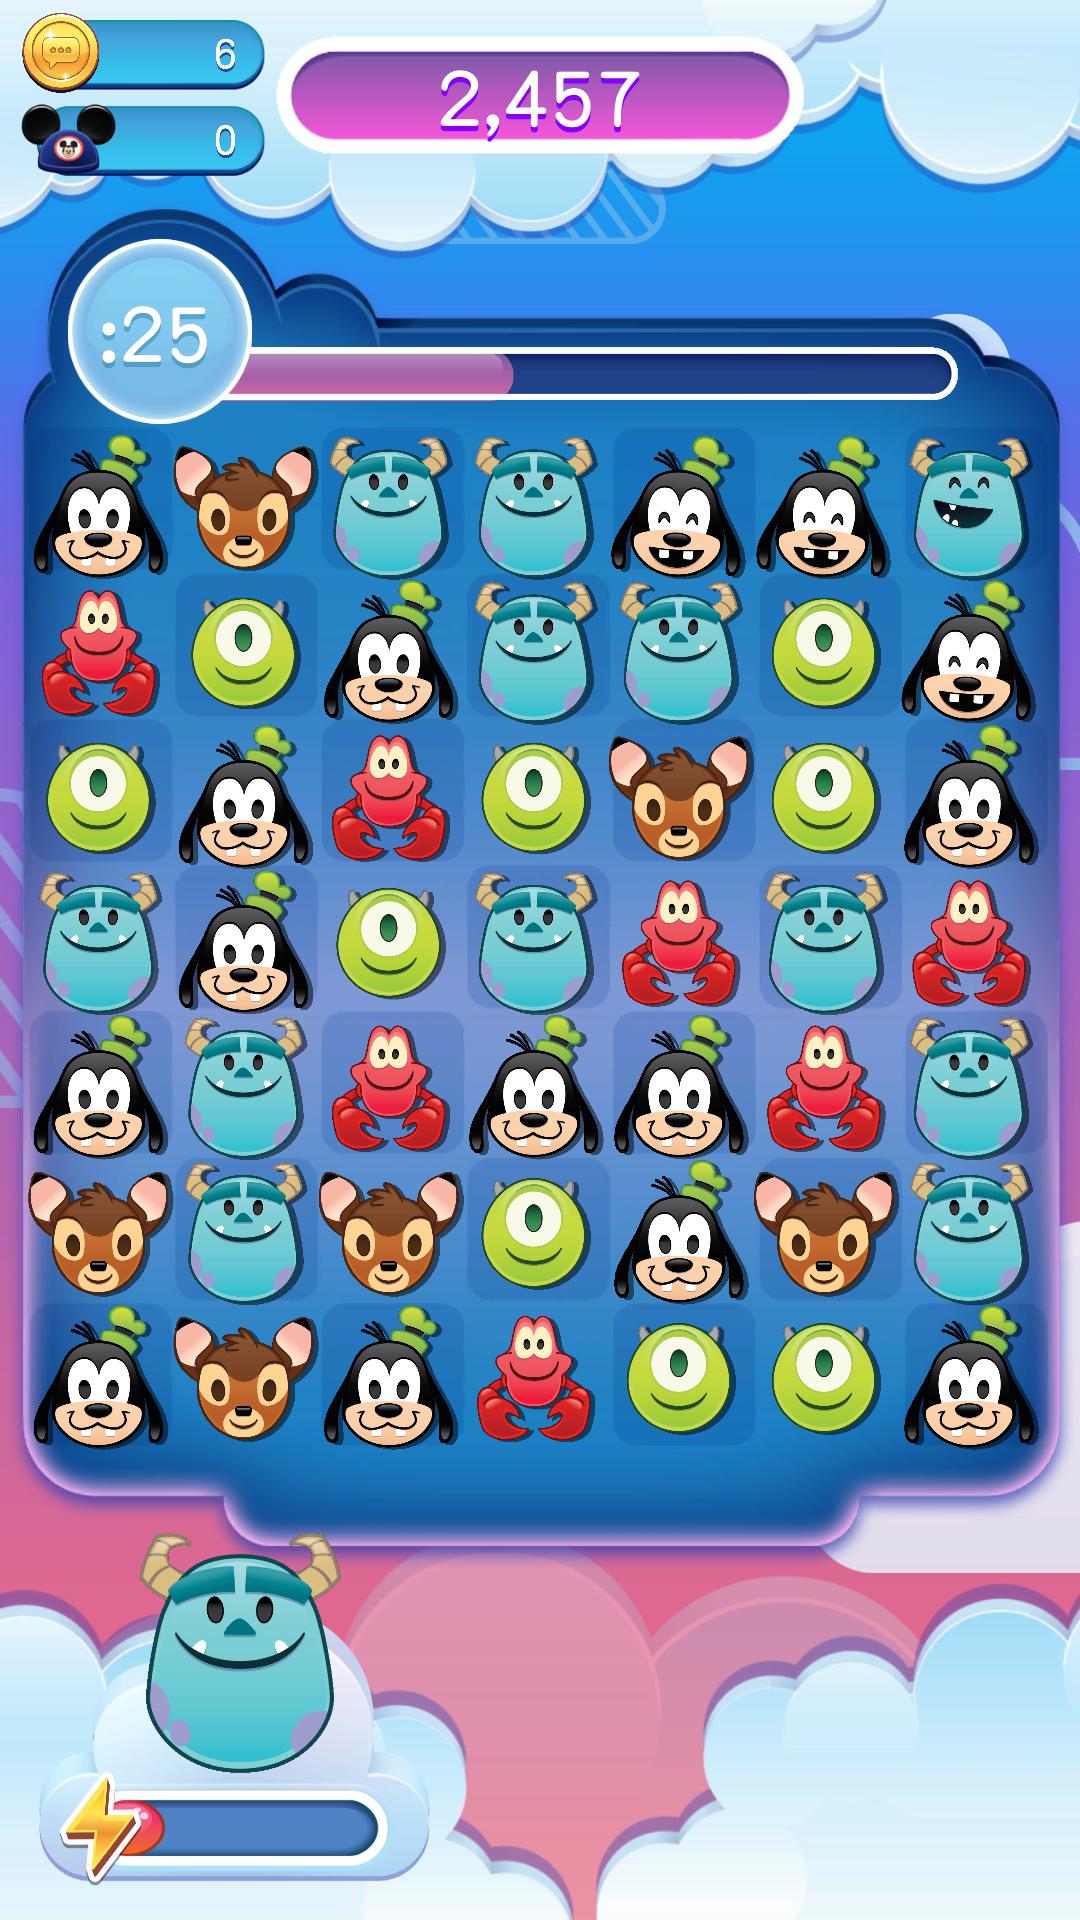 迪士尼表情包大作战最新破解版游戏截图